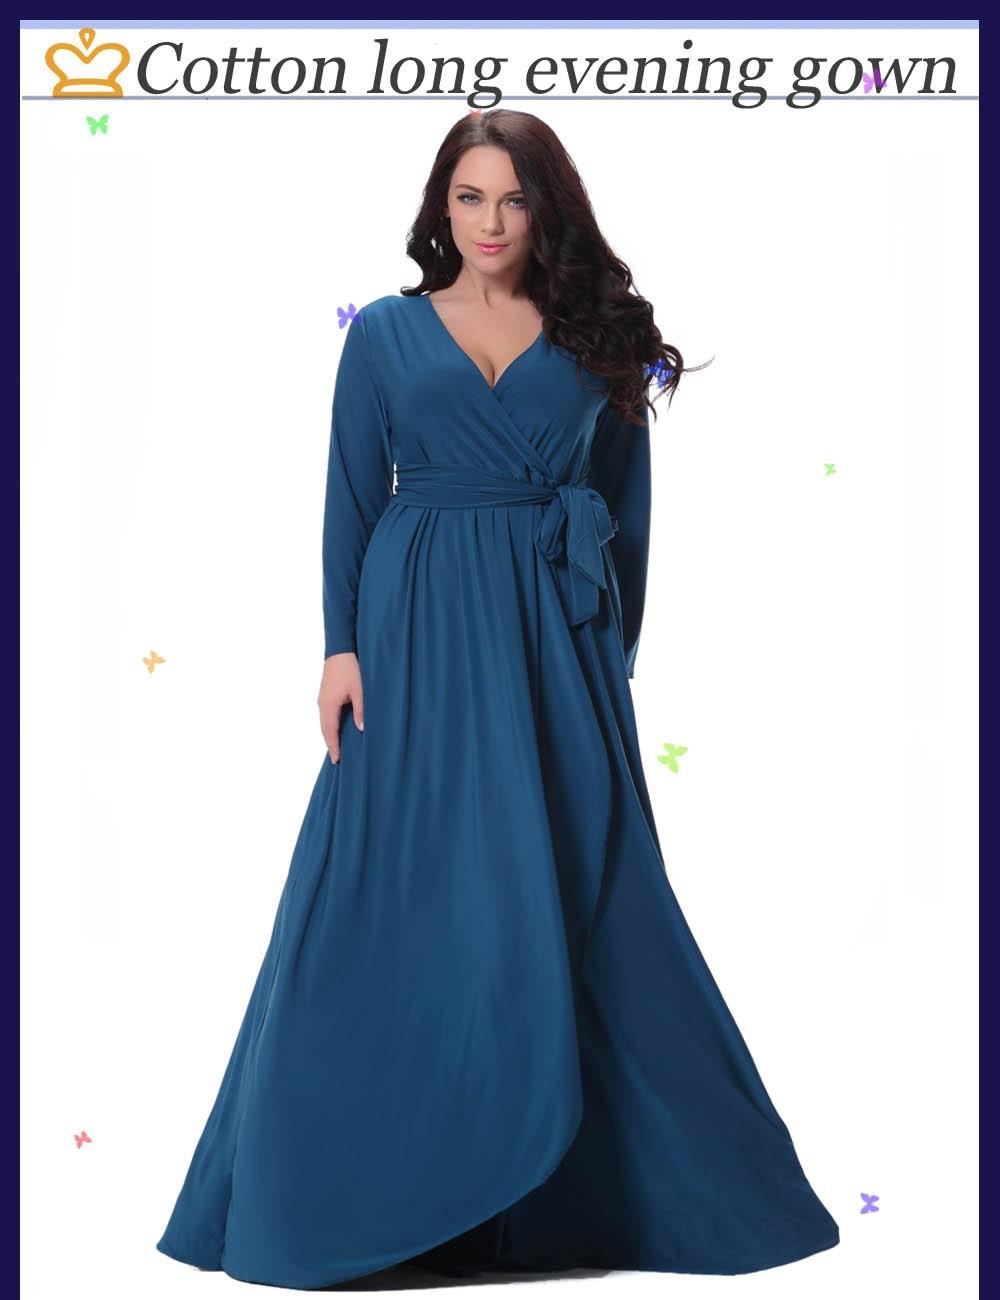 6c34ec0c41a Autumn Winter Women Dress Long Sleeve Deep V Neck Waist Belt Floor Length  Dressing Gown Big Size Irregular Swing Maxi Dress. 0-1. 1 ...